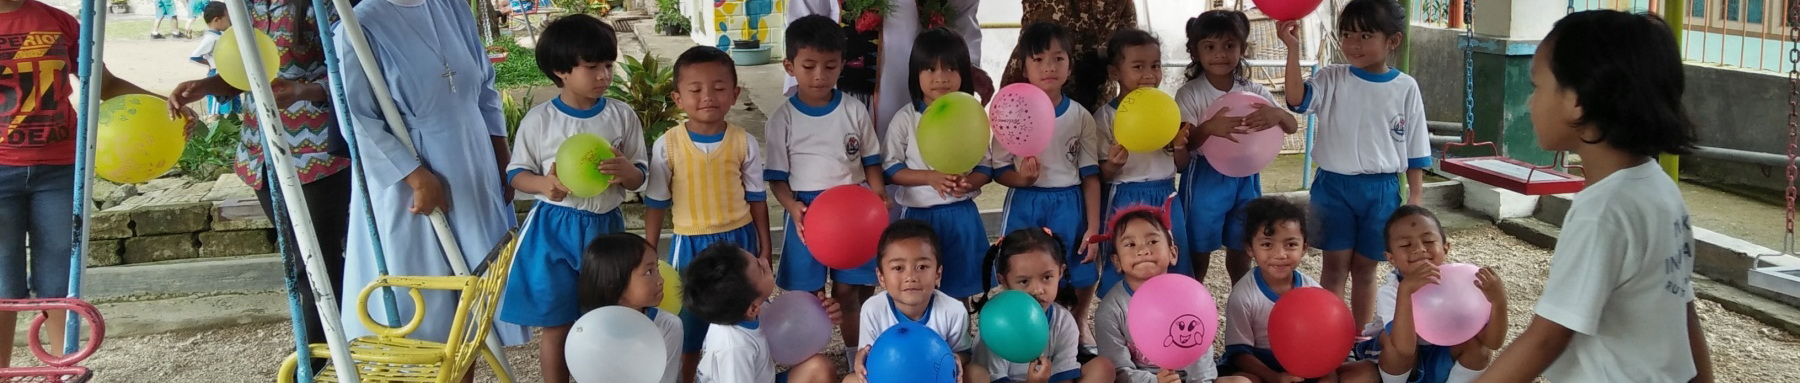 Kinder mit Luftballons des Kindergarten Inviolata, Indonesien